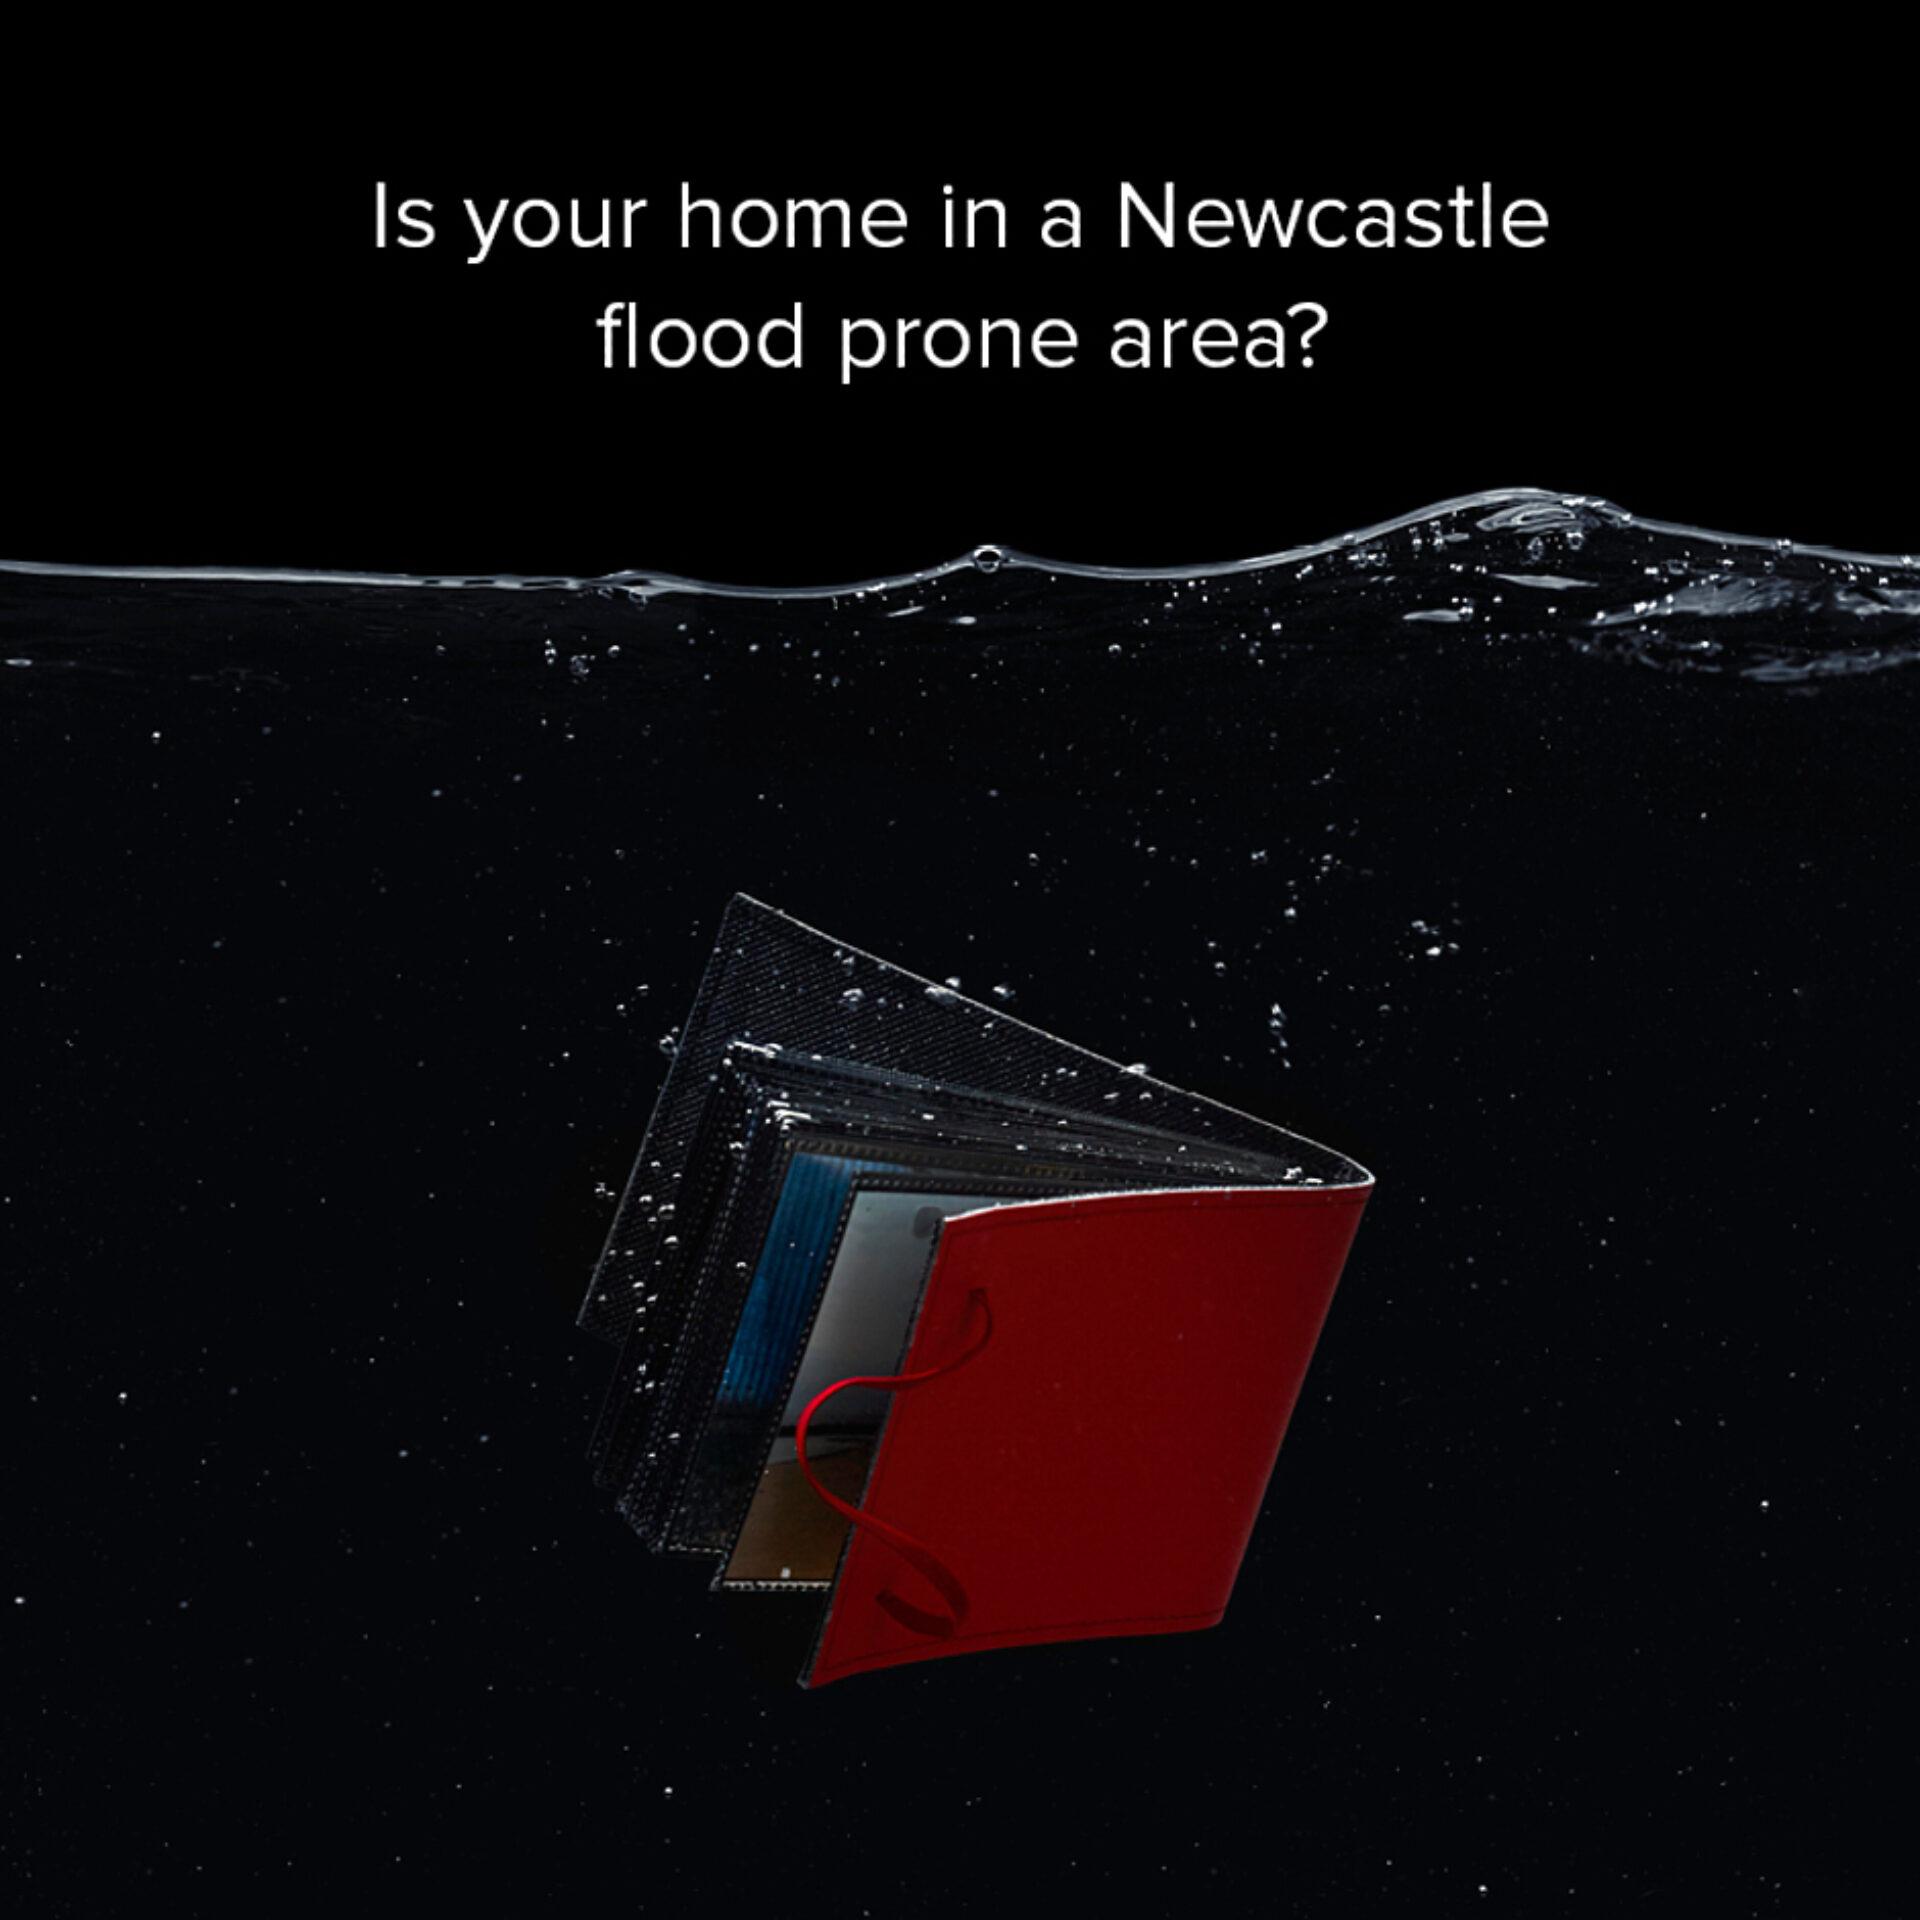 Newcastle flood image 01